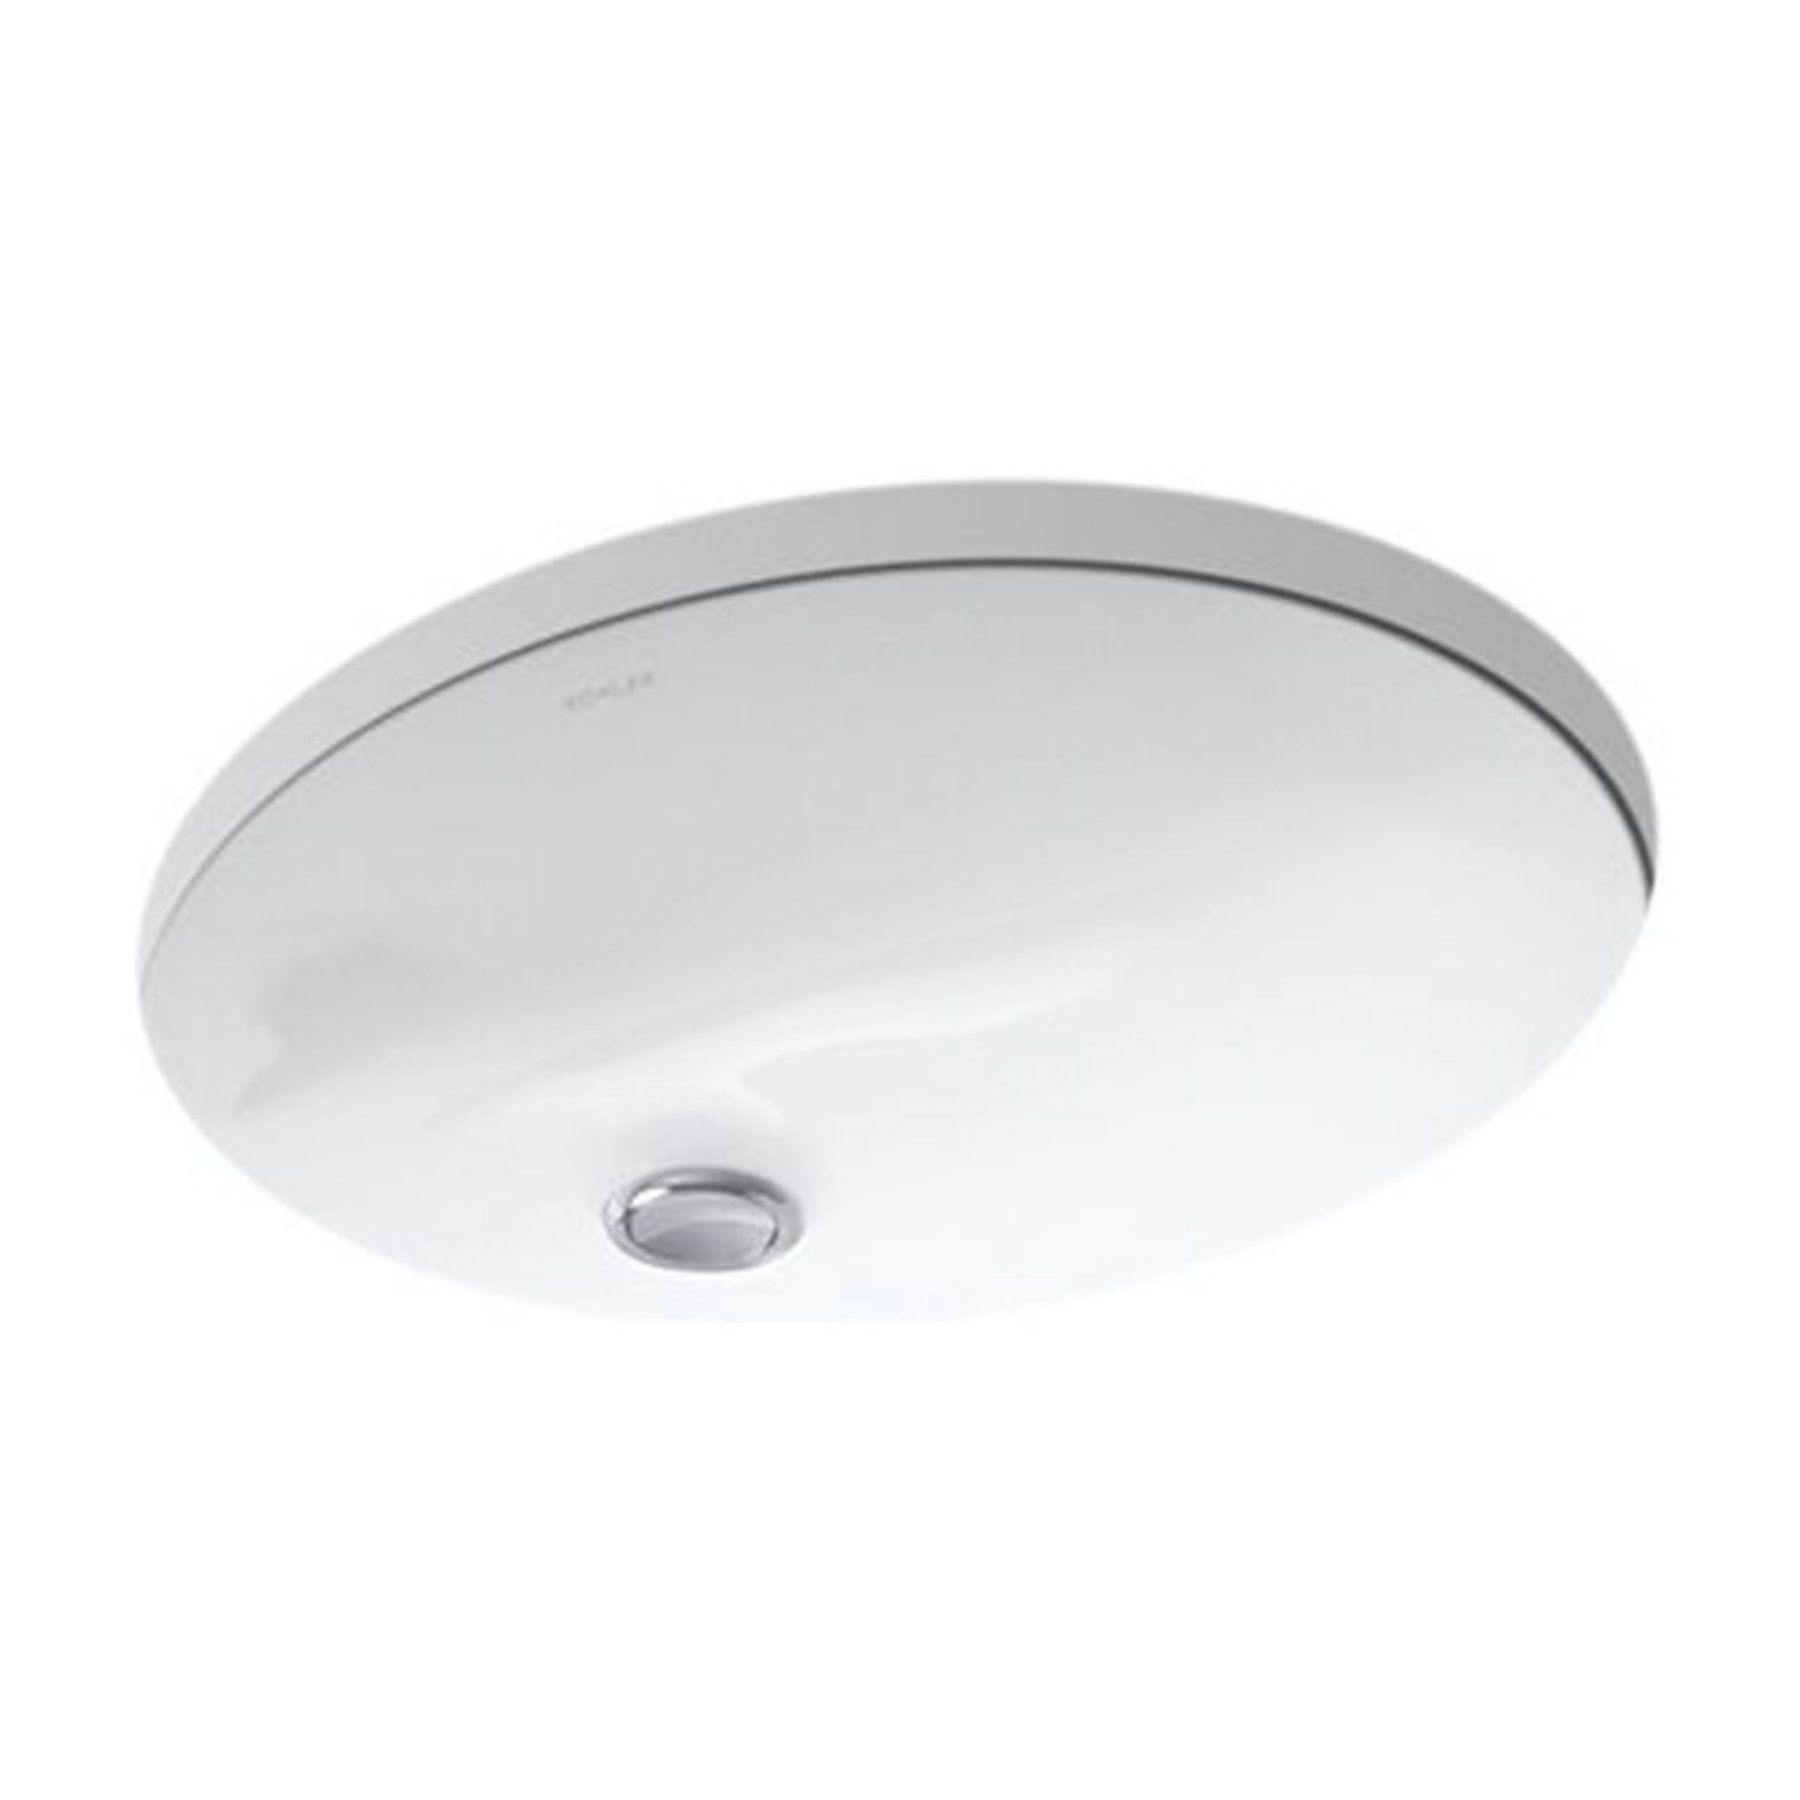 Kohler caxton k undermount bathroom sink in products